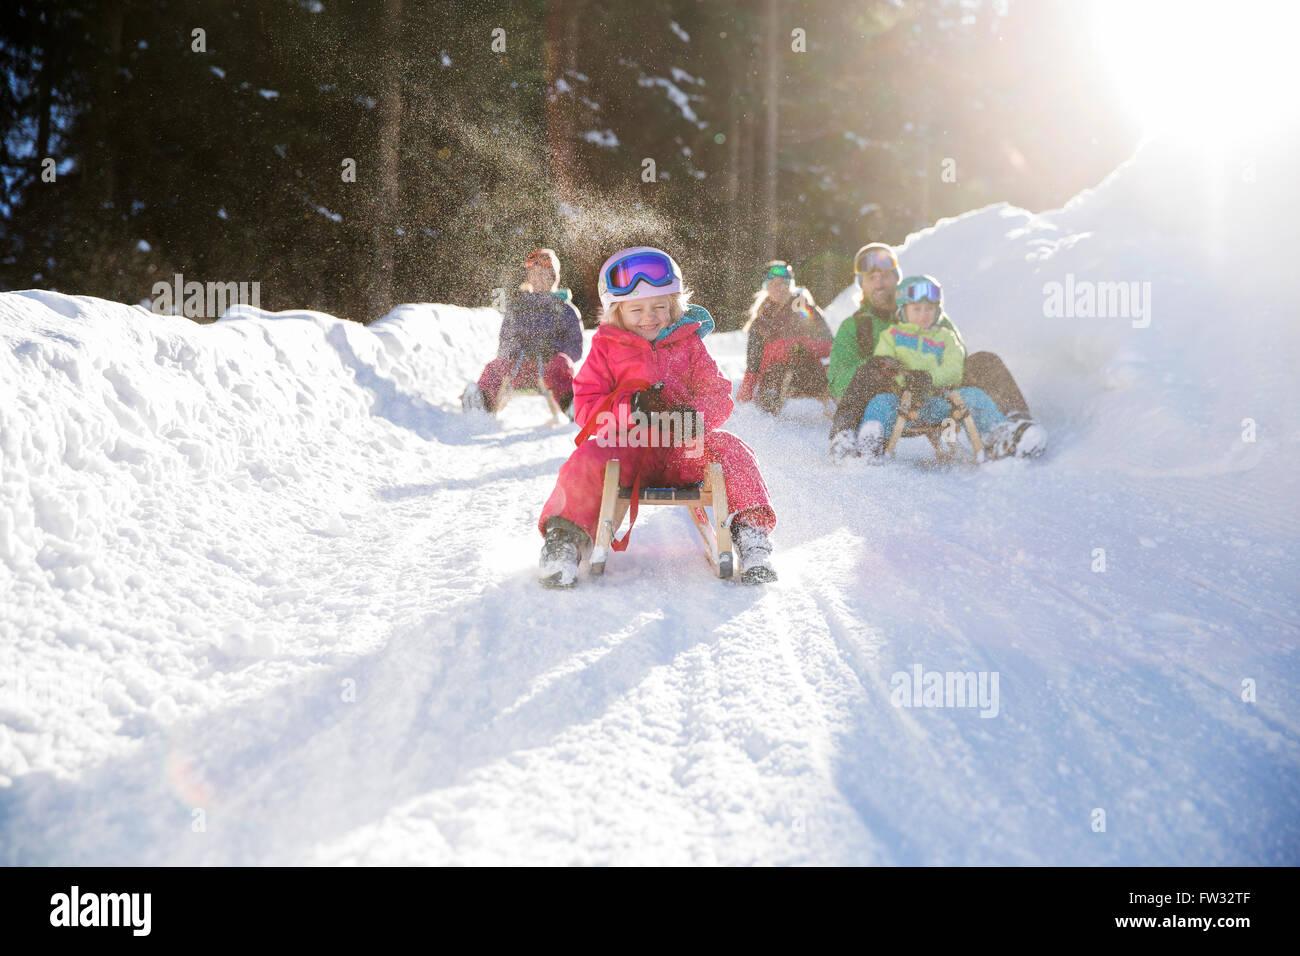 Mädchen, Kinder fahren Schlitten mit ihrer Familie, Muttereralm-Innsbruck, Tirol, Österreich Stockbild